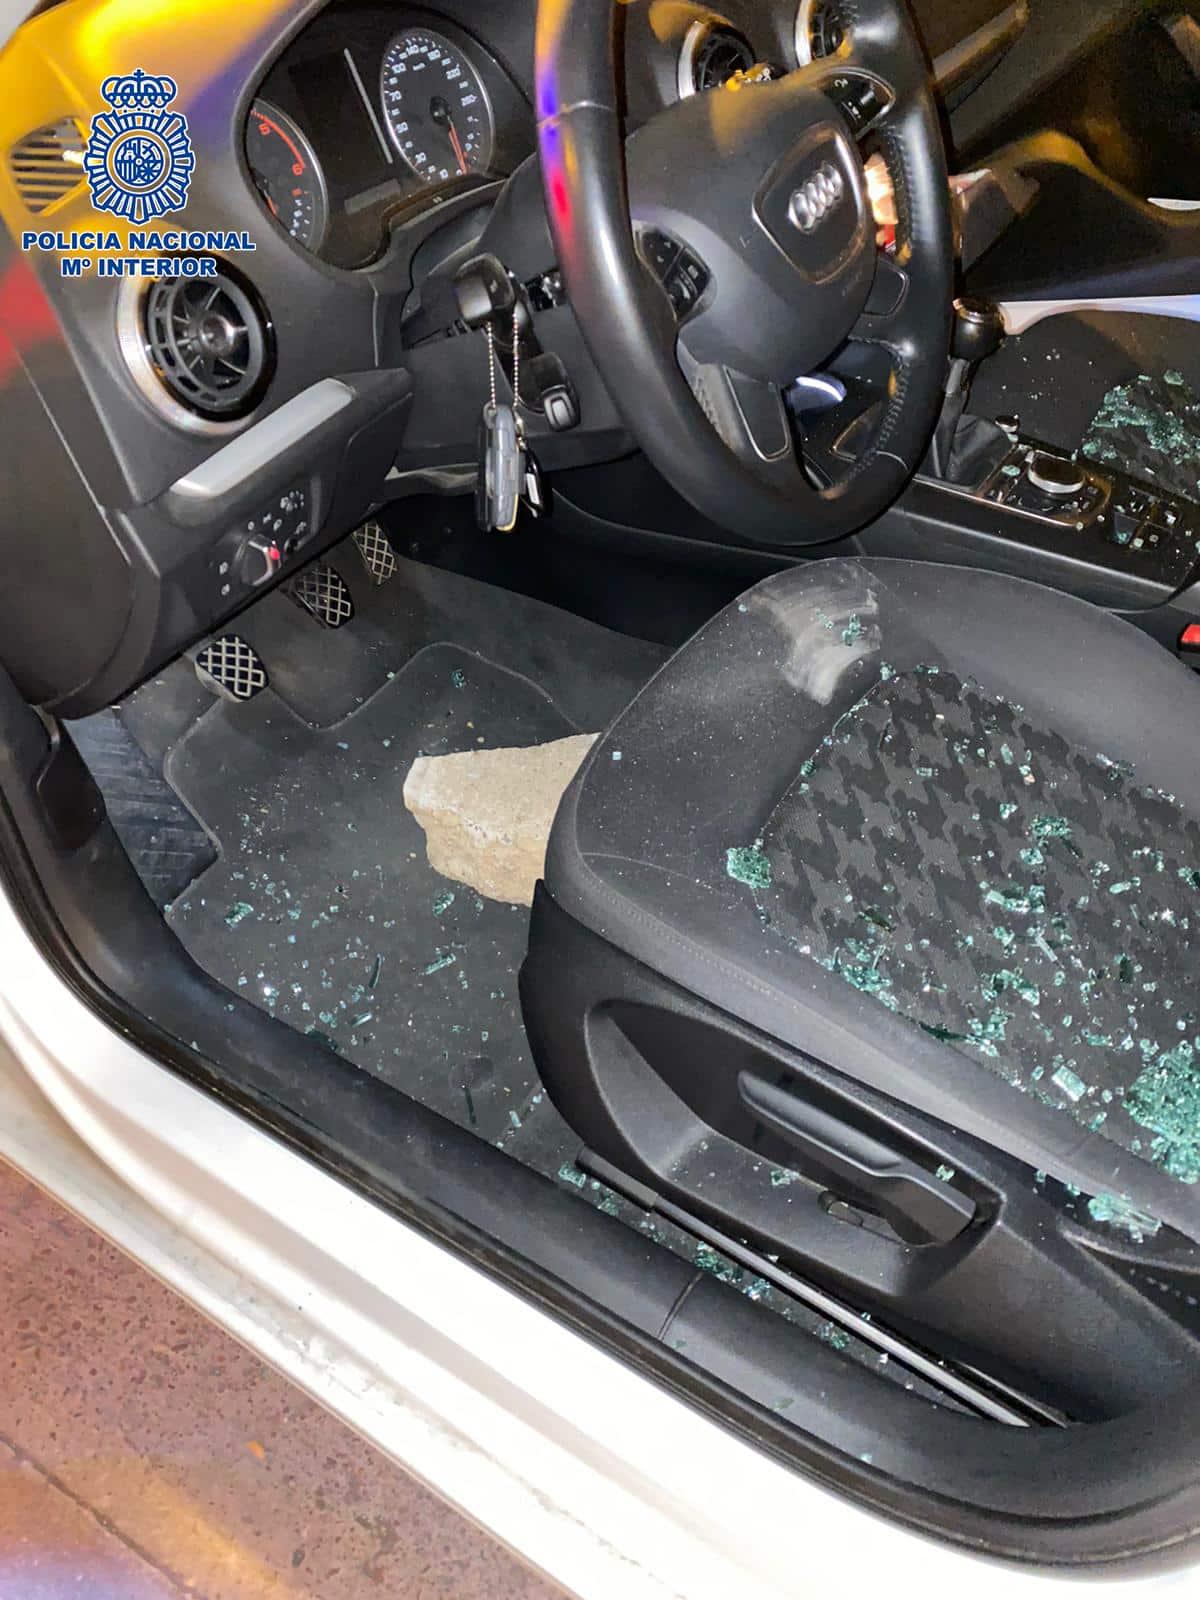 Detienen en Logroño a un hombre por un delito de robo con fuerza y por dañar cinco vehículos en un parking 3